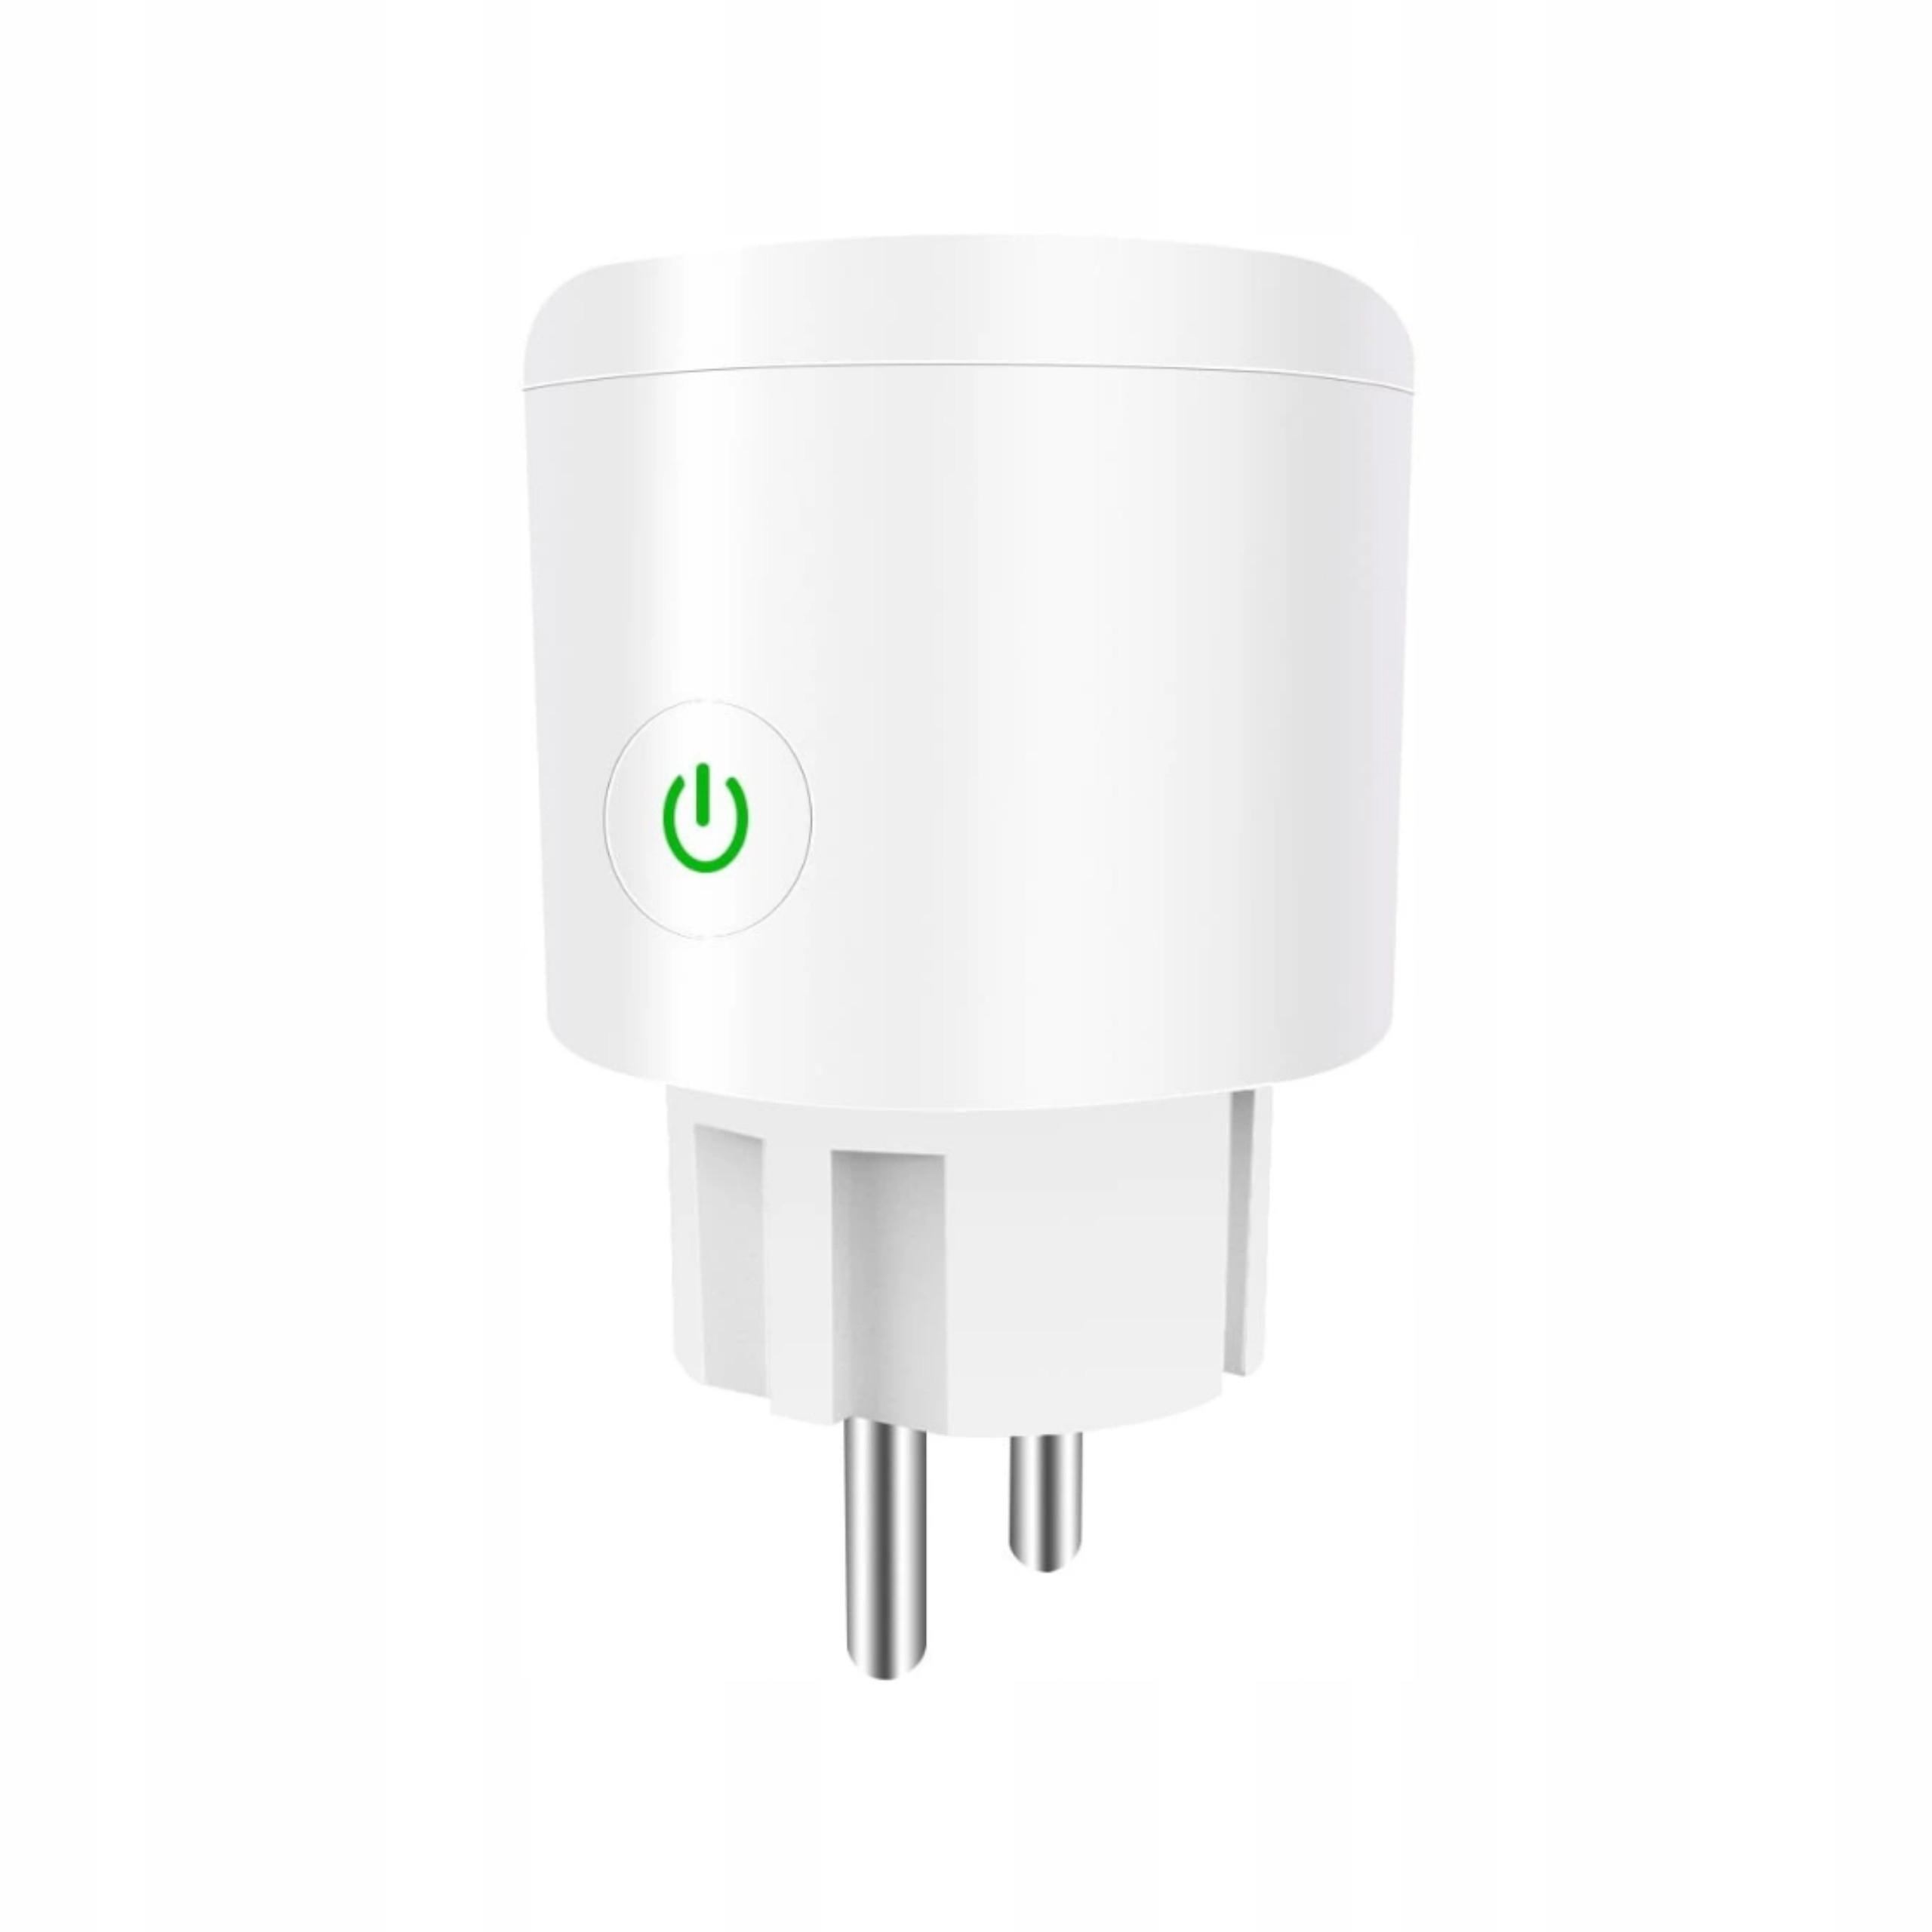 Inteligentne gniazdko WiFi SMART LIFE WTYCZKA 16A